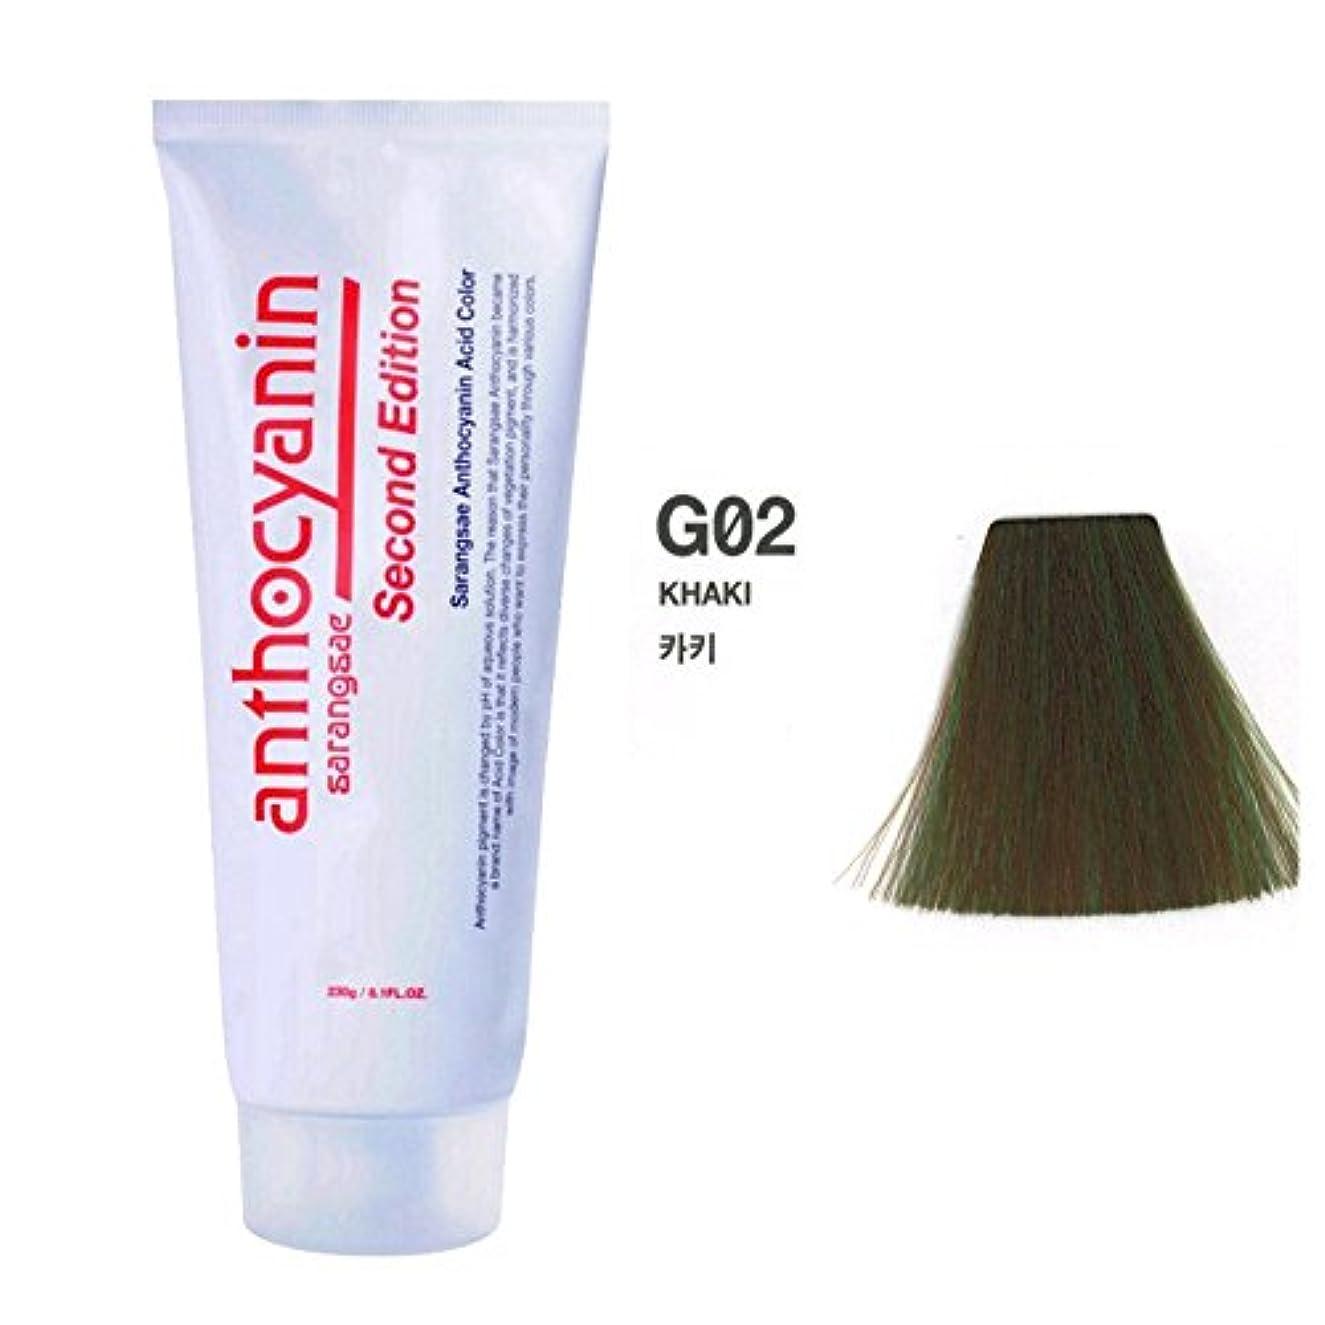 愚かな協力分離ヘア マニキュア カラー セカンド エディション 230g セミ パーマネント 染毛剤 (Hair Manicure Color Second Edition 230g Semi Permanent Hair Dye) [並行輸入品] (G02 Khaki)